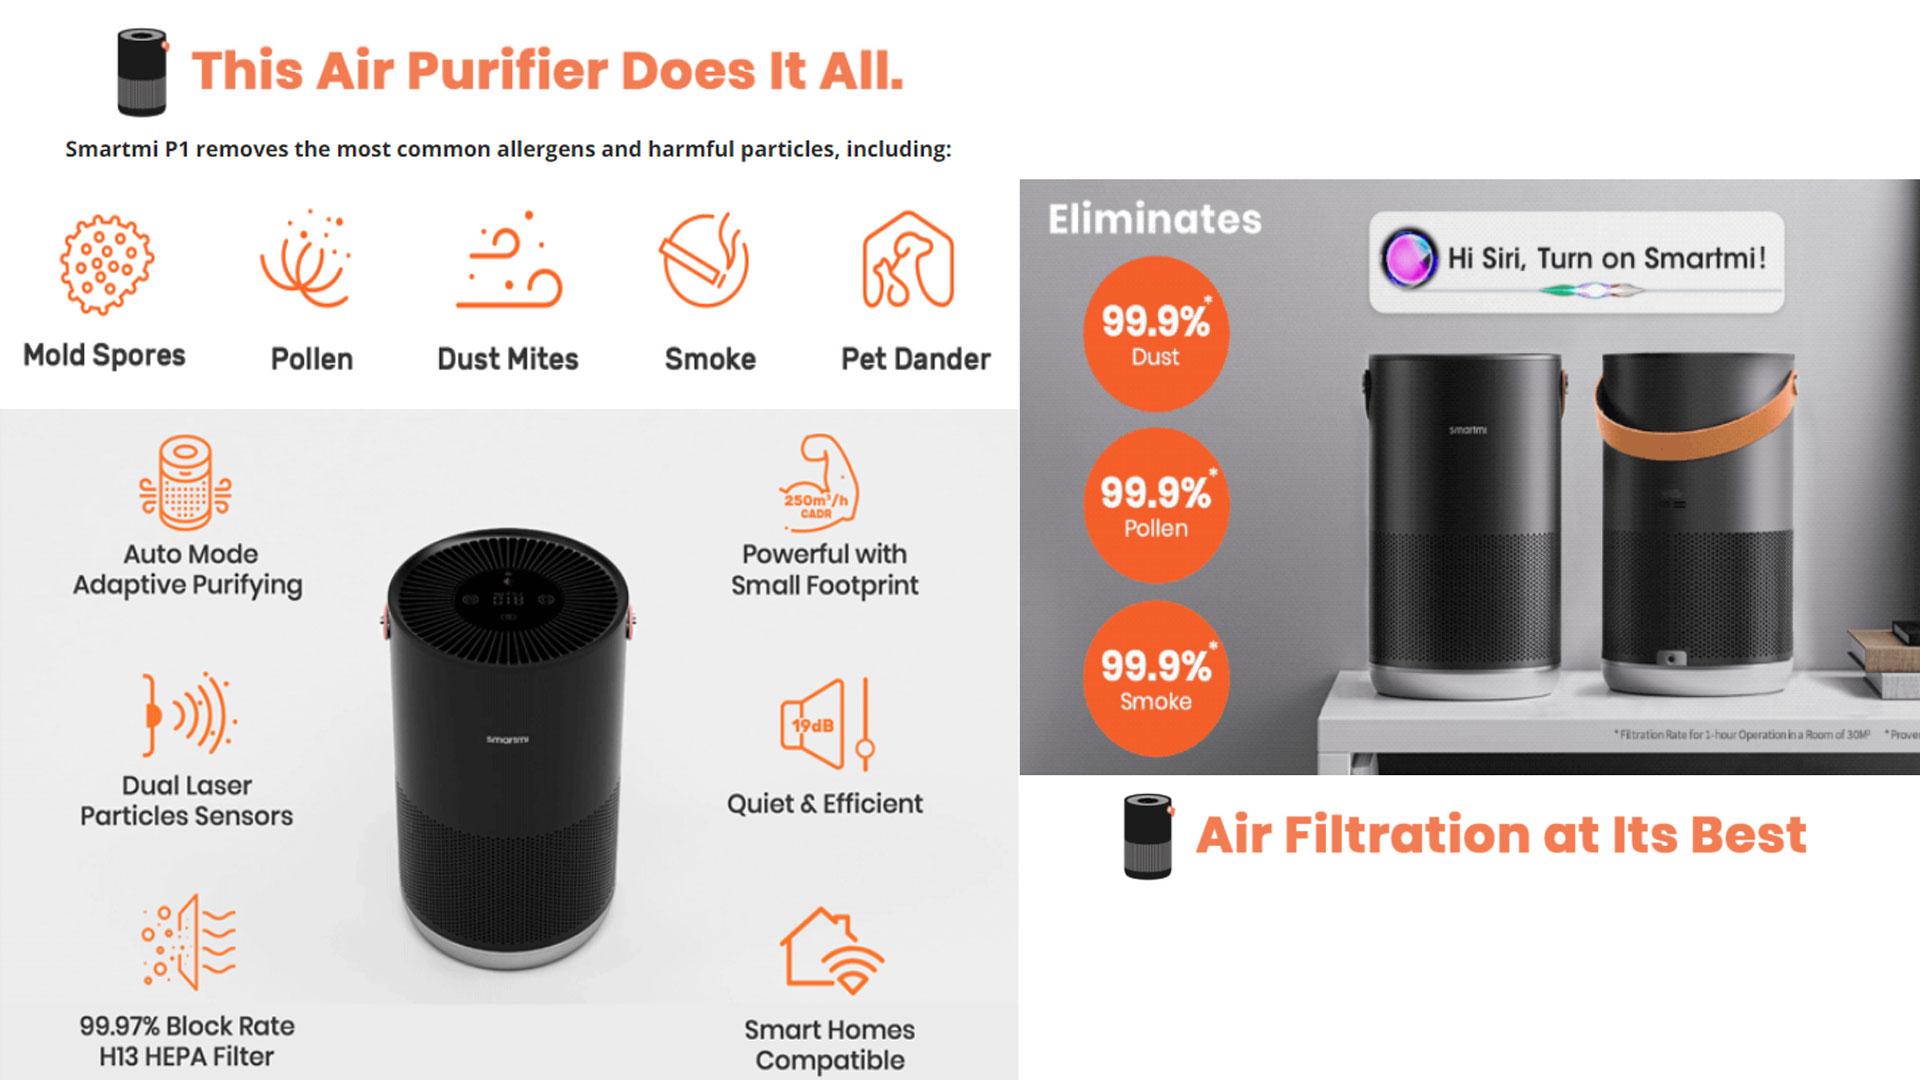 Purificador de aire Smartmi Purificador de aire P1 mejor purificador de aire purificador de aire hepa purificador de aire doméstico